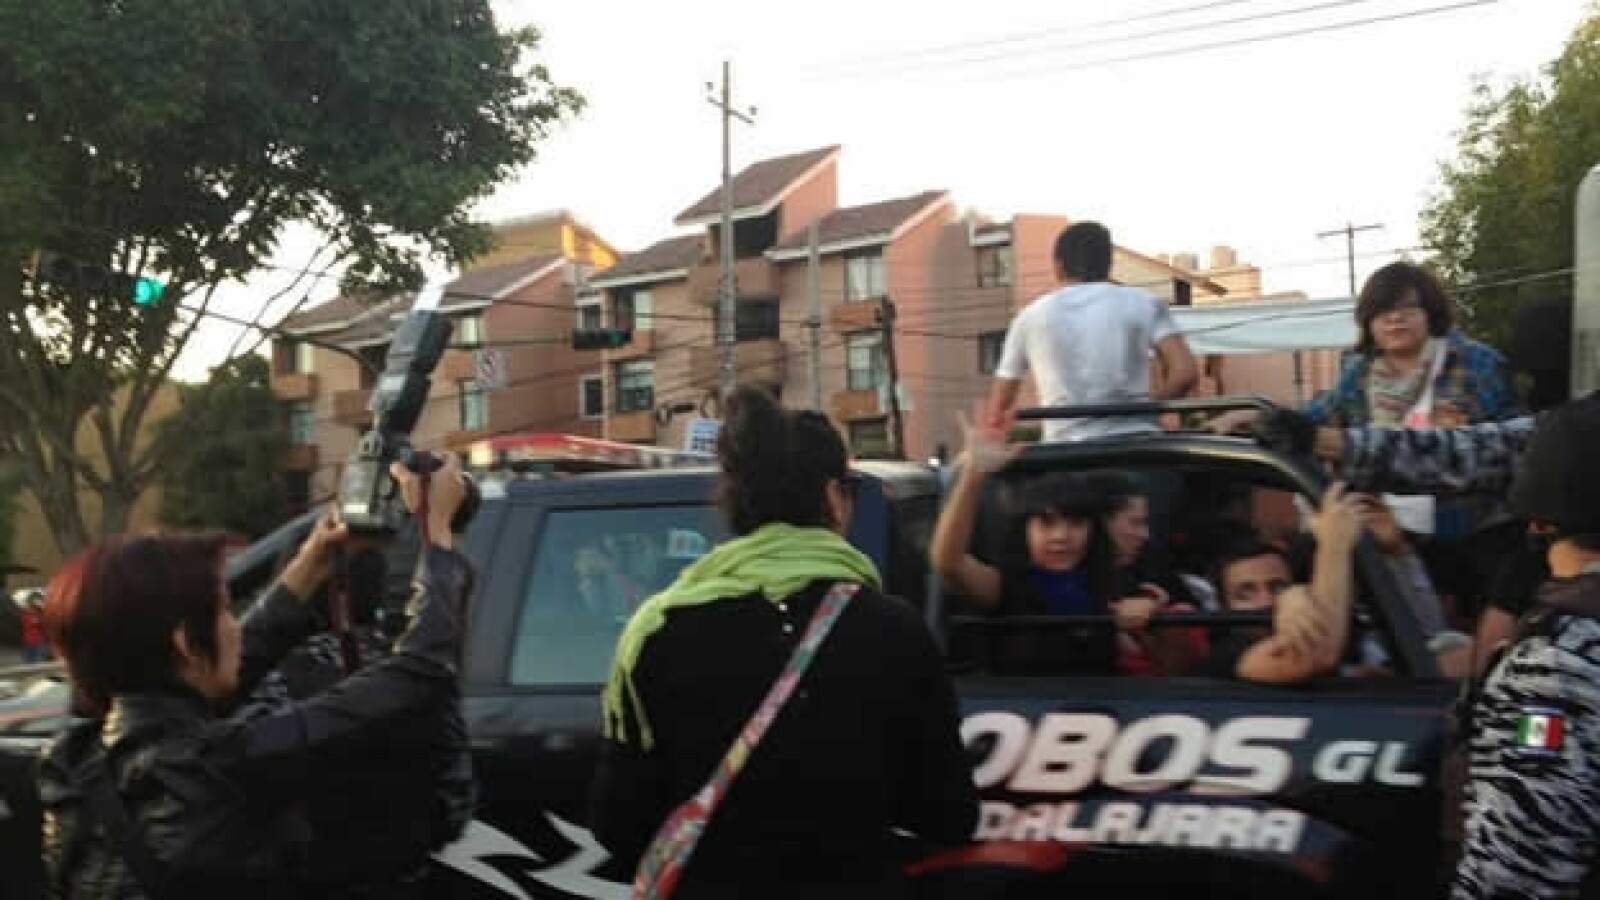 arrestos en protestas antipeña nieto